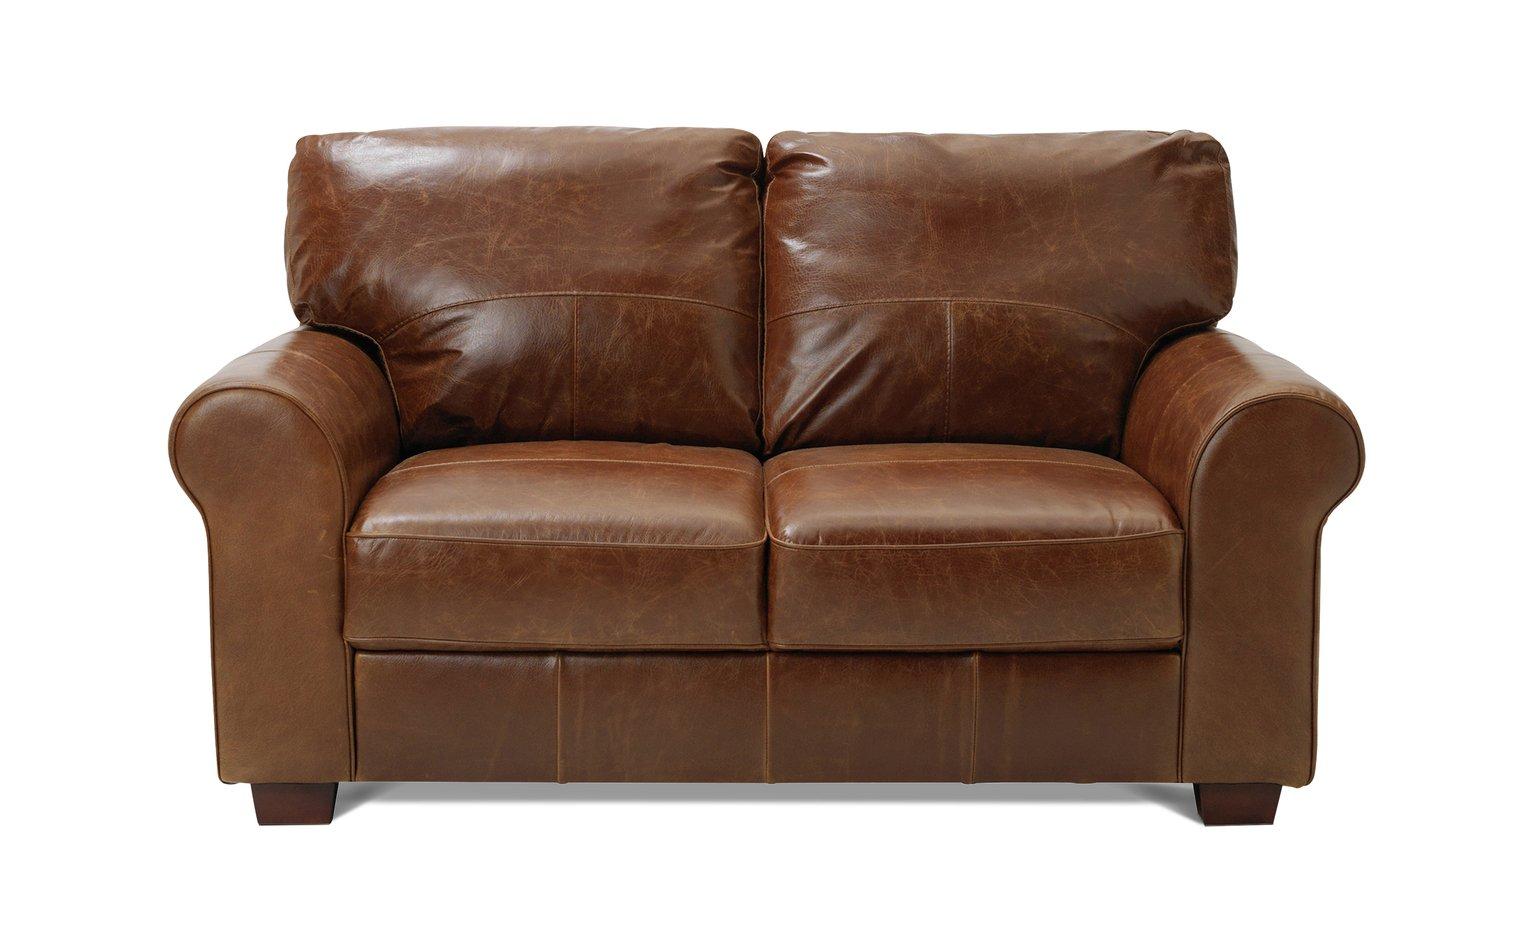 Buy Argos Home Salisbury 2 Seater Leather Sofa   Tan | Sofas | Argos